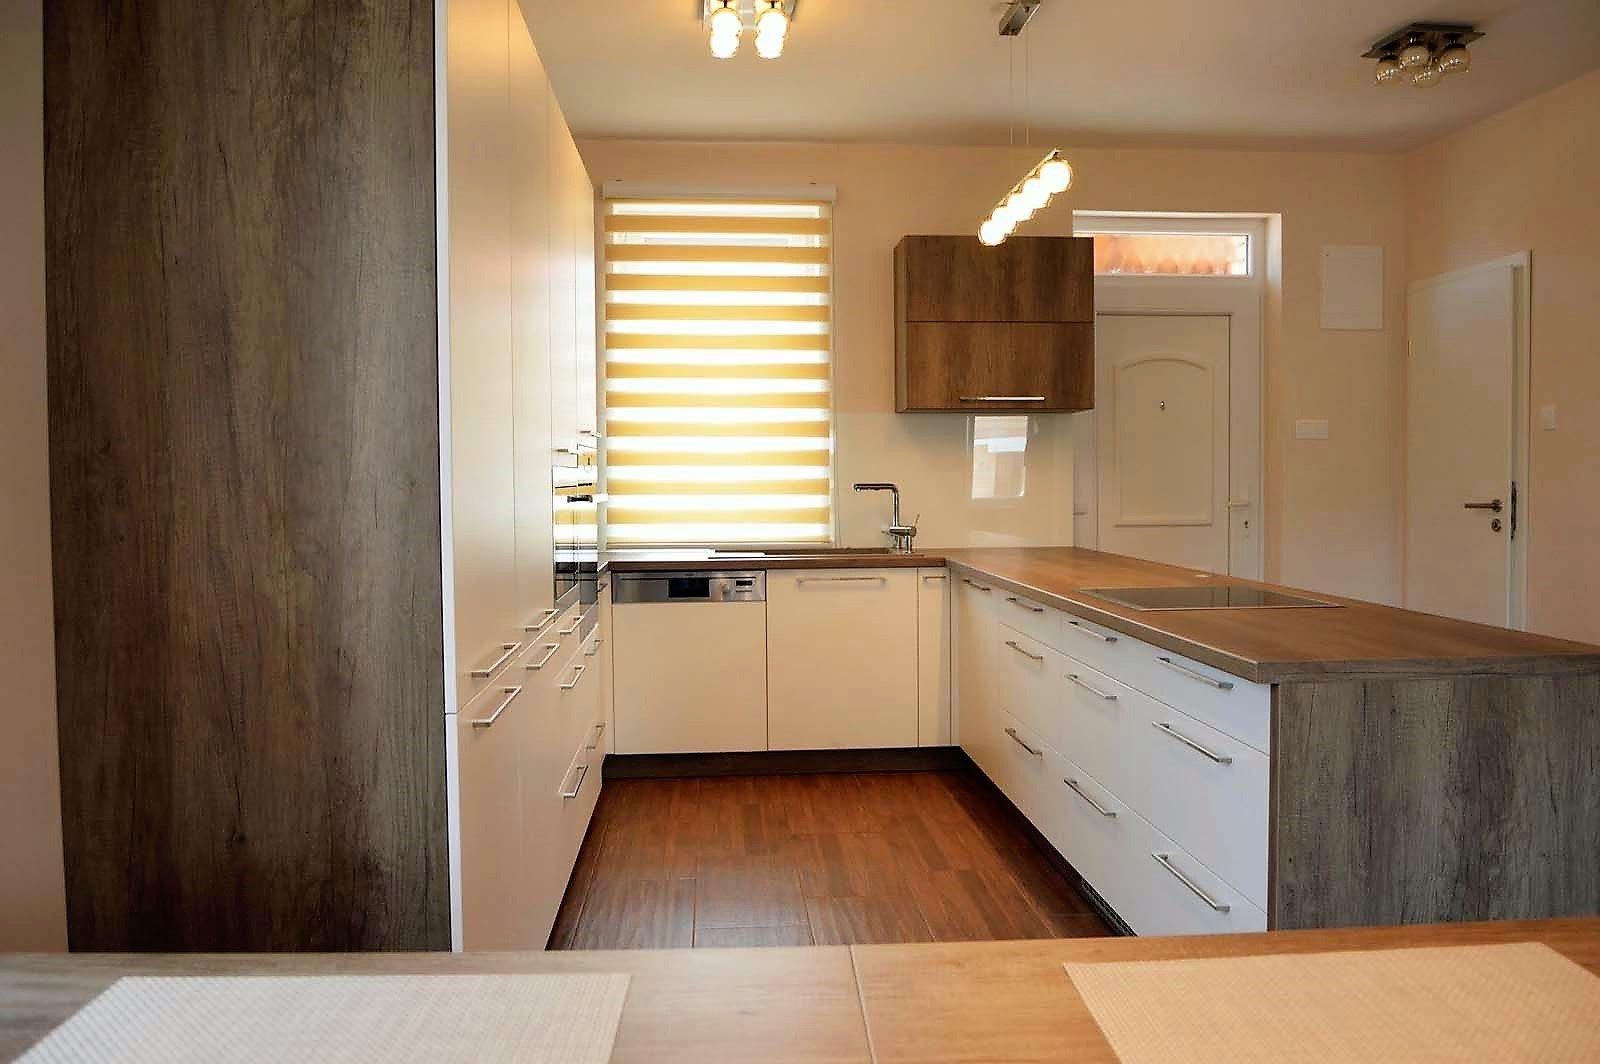 Egyedi konyhabútor készítés szigetrésszel, rejtett LED világítással üveghátlappal, beépített konyhai gépekkel